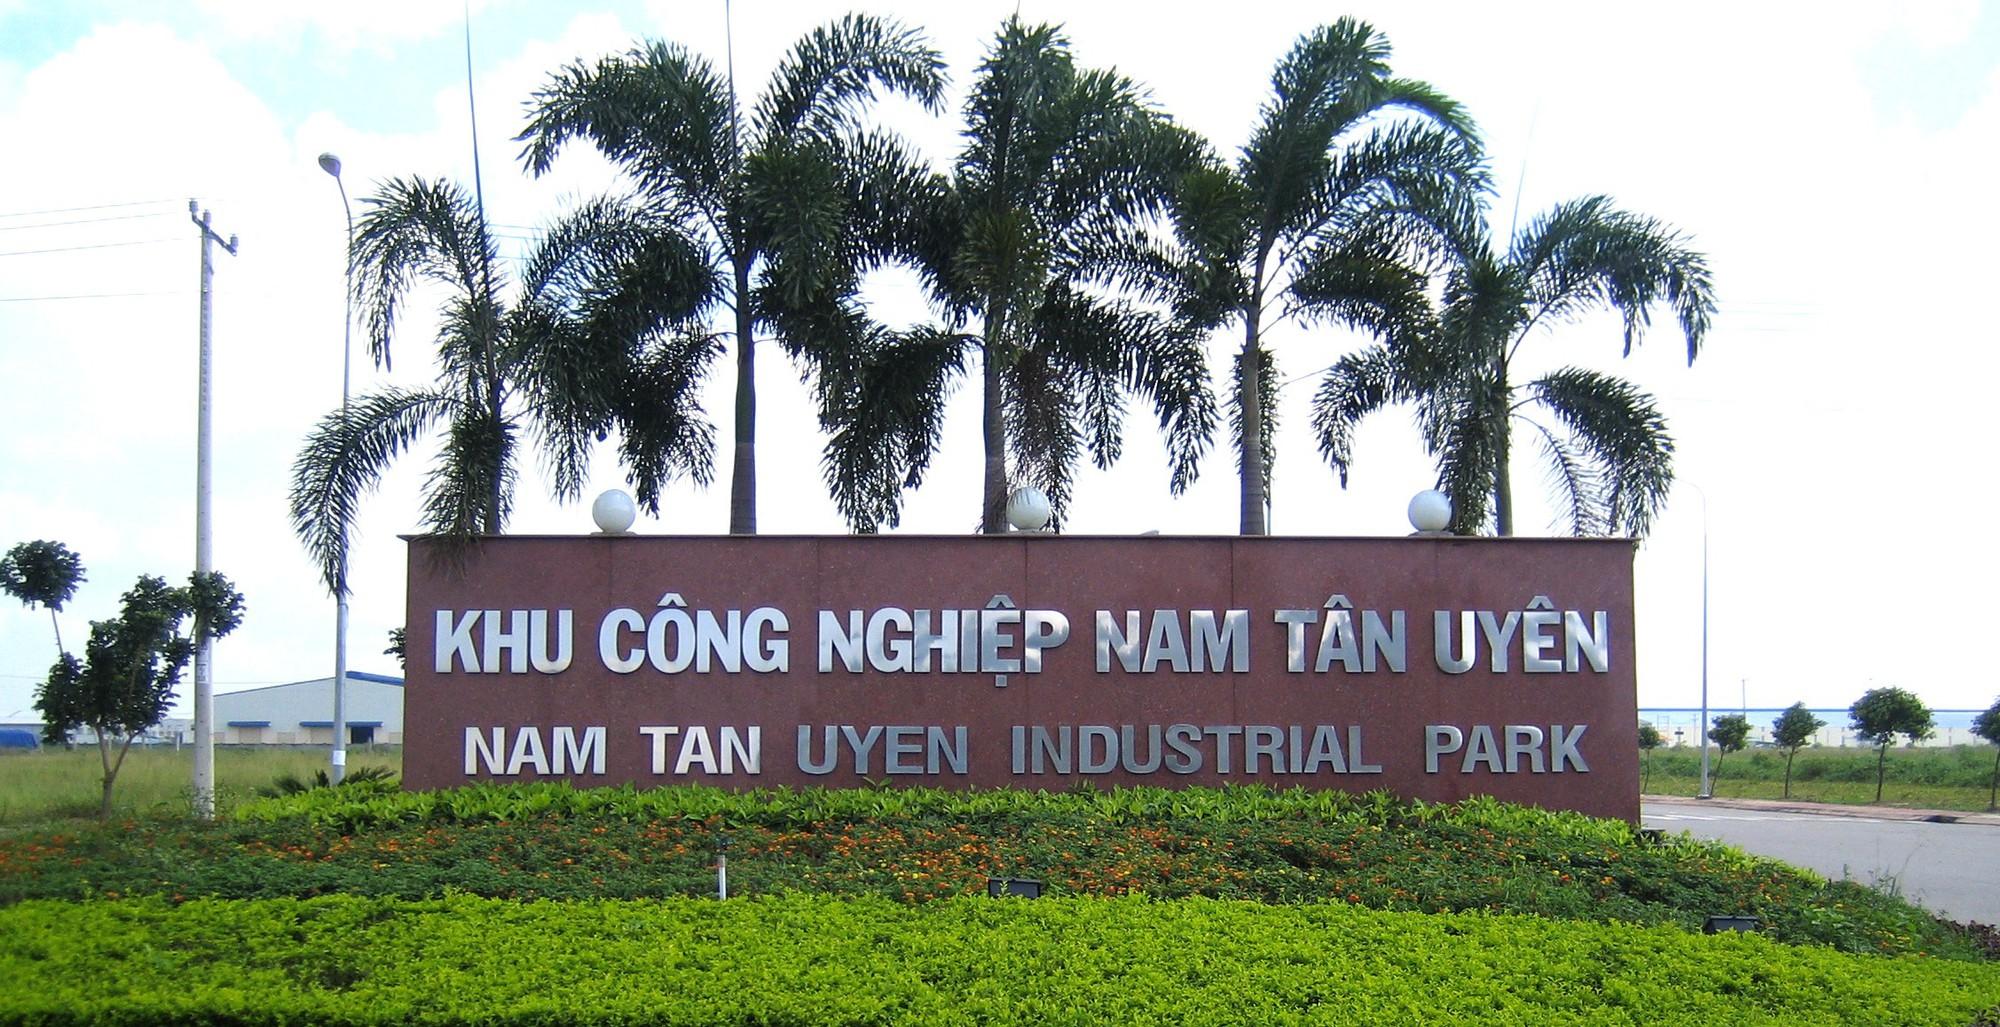 Nhận cổ tức khủng, Nam Tân Uyên báo lãi gấp đôi cùng kỳ - Ảnh 1.